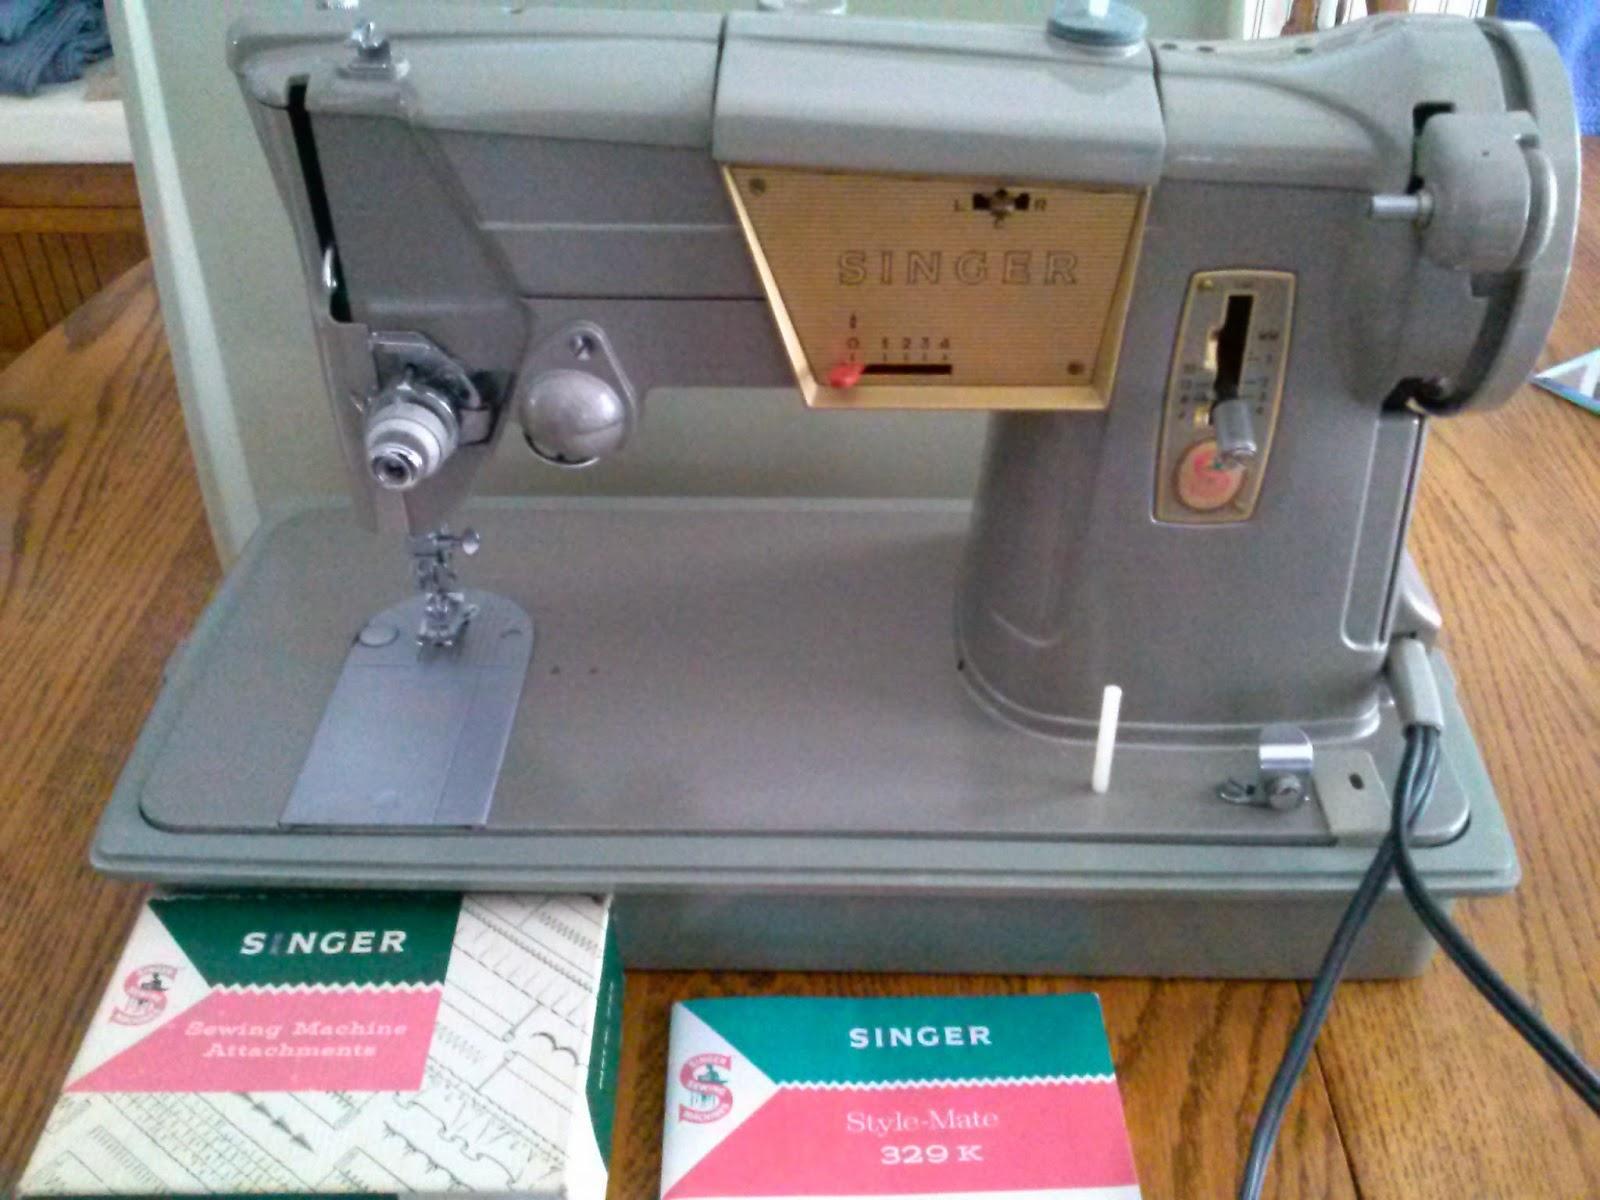 singer sewing machine 328k